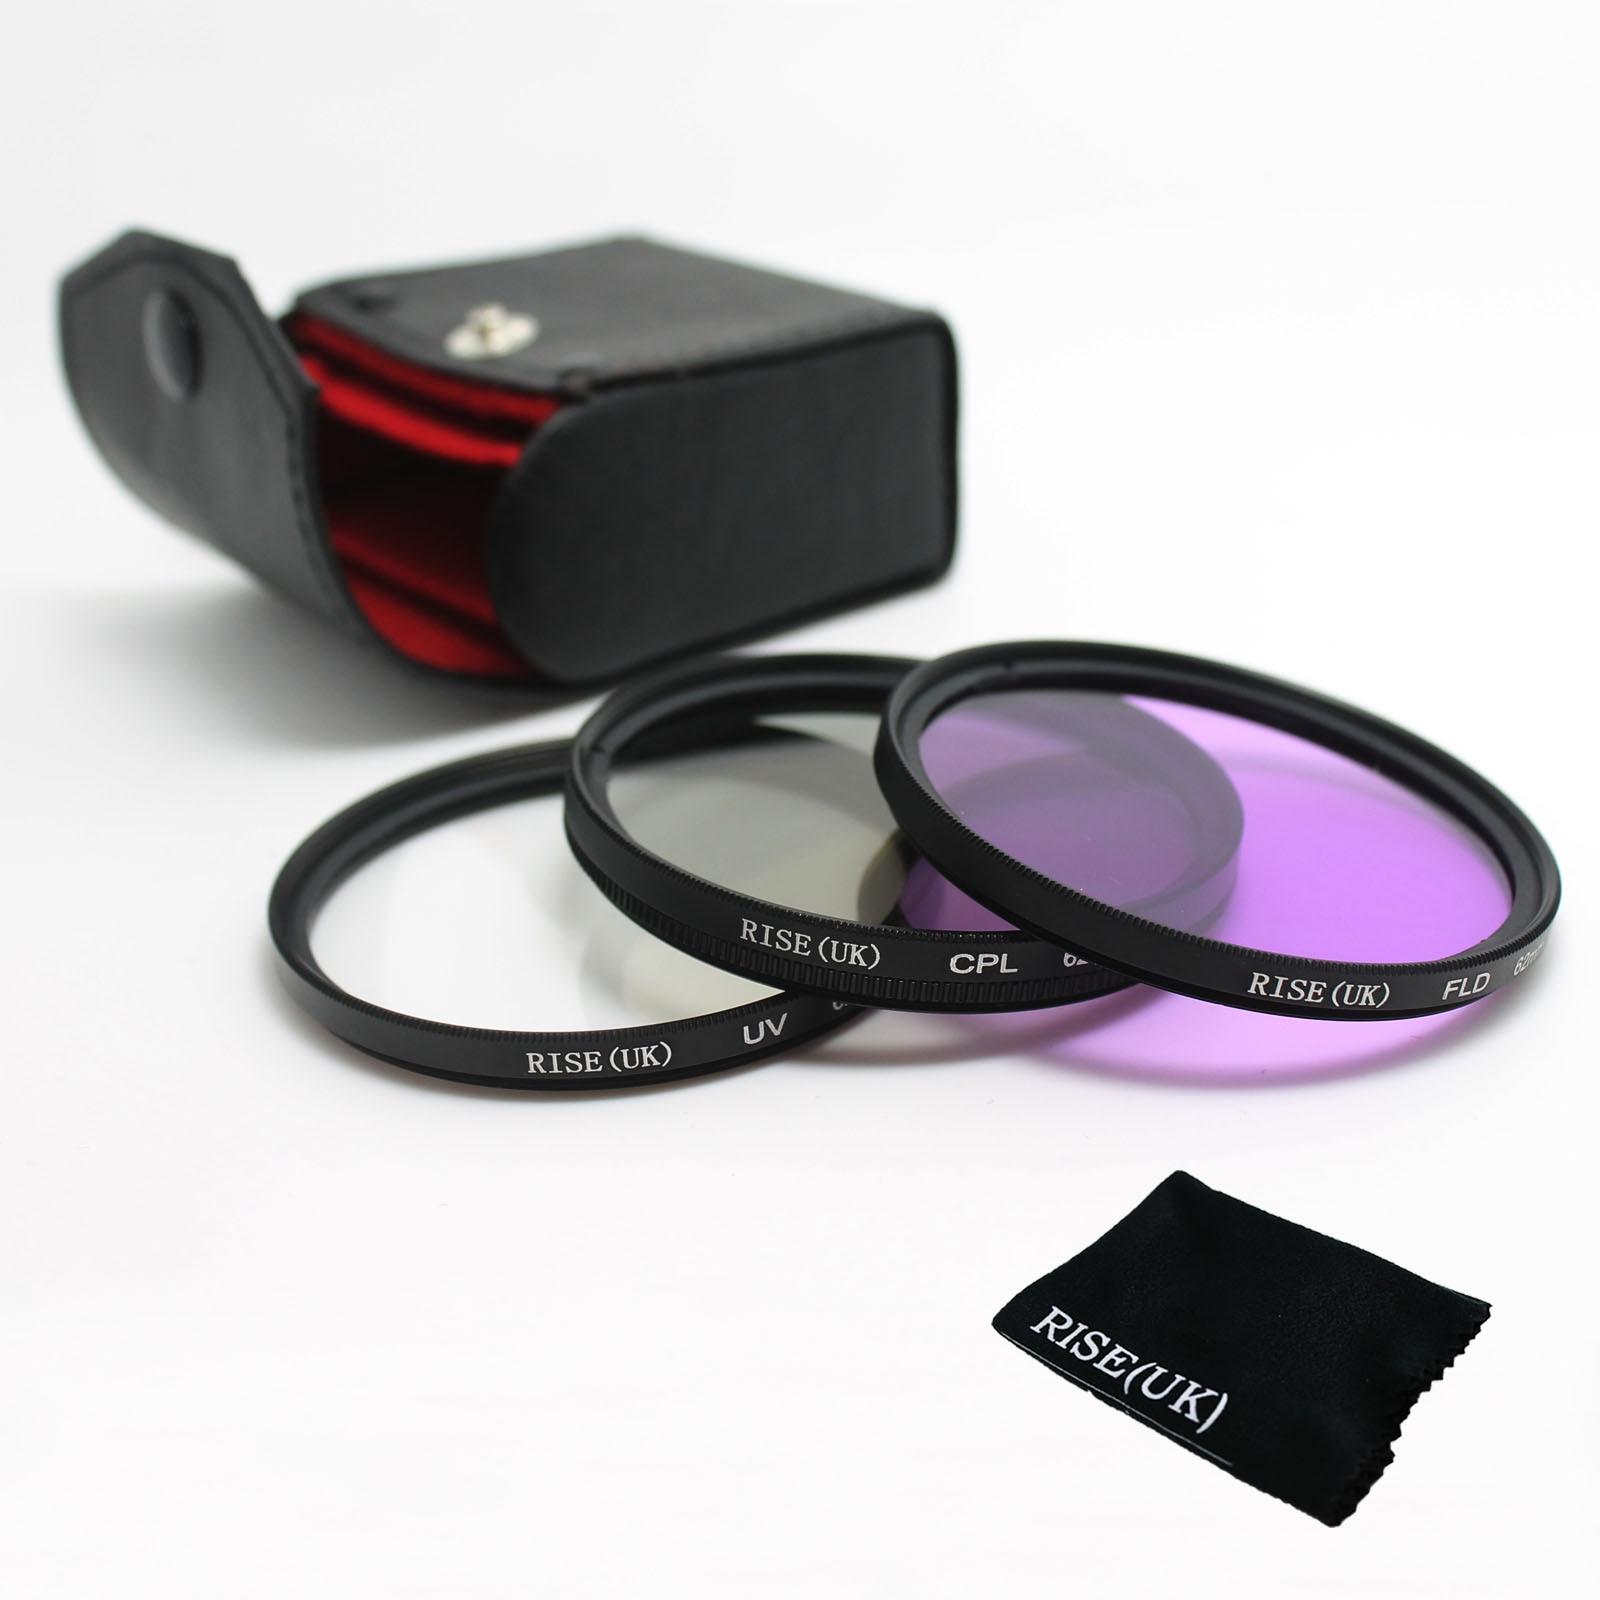 RISE (ROYAUME-UNI) 1 pcs 67mm UV FLD CPL + SAC Filter Set Polfilter pour Canon nikon D90 D7000 EOS 650D 600D 550D 1100D livraison gratuite